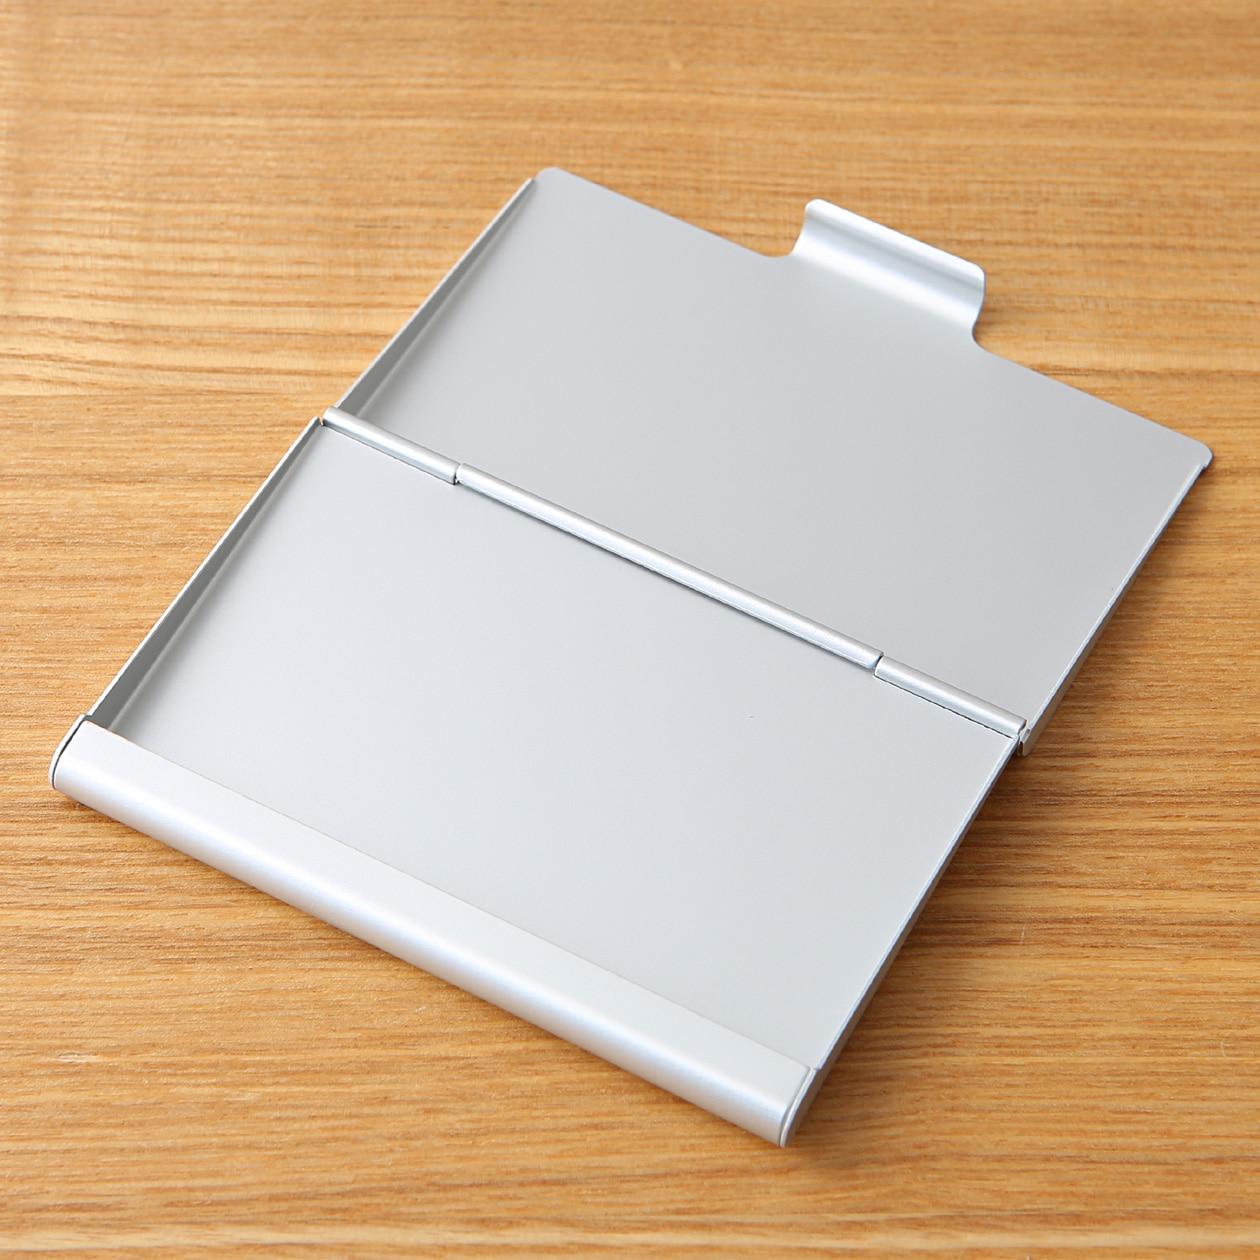 鋁製卡片盒/厚 約60×93mm   無印良品